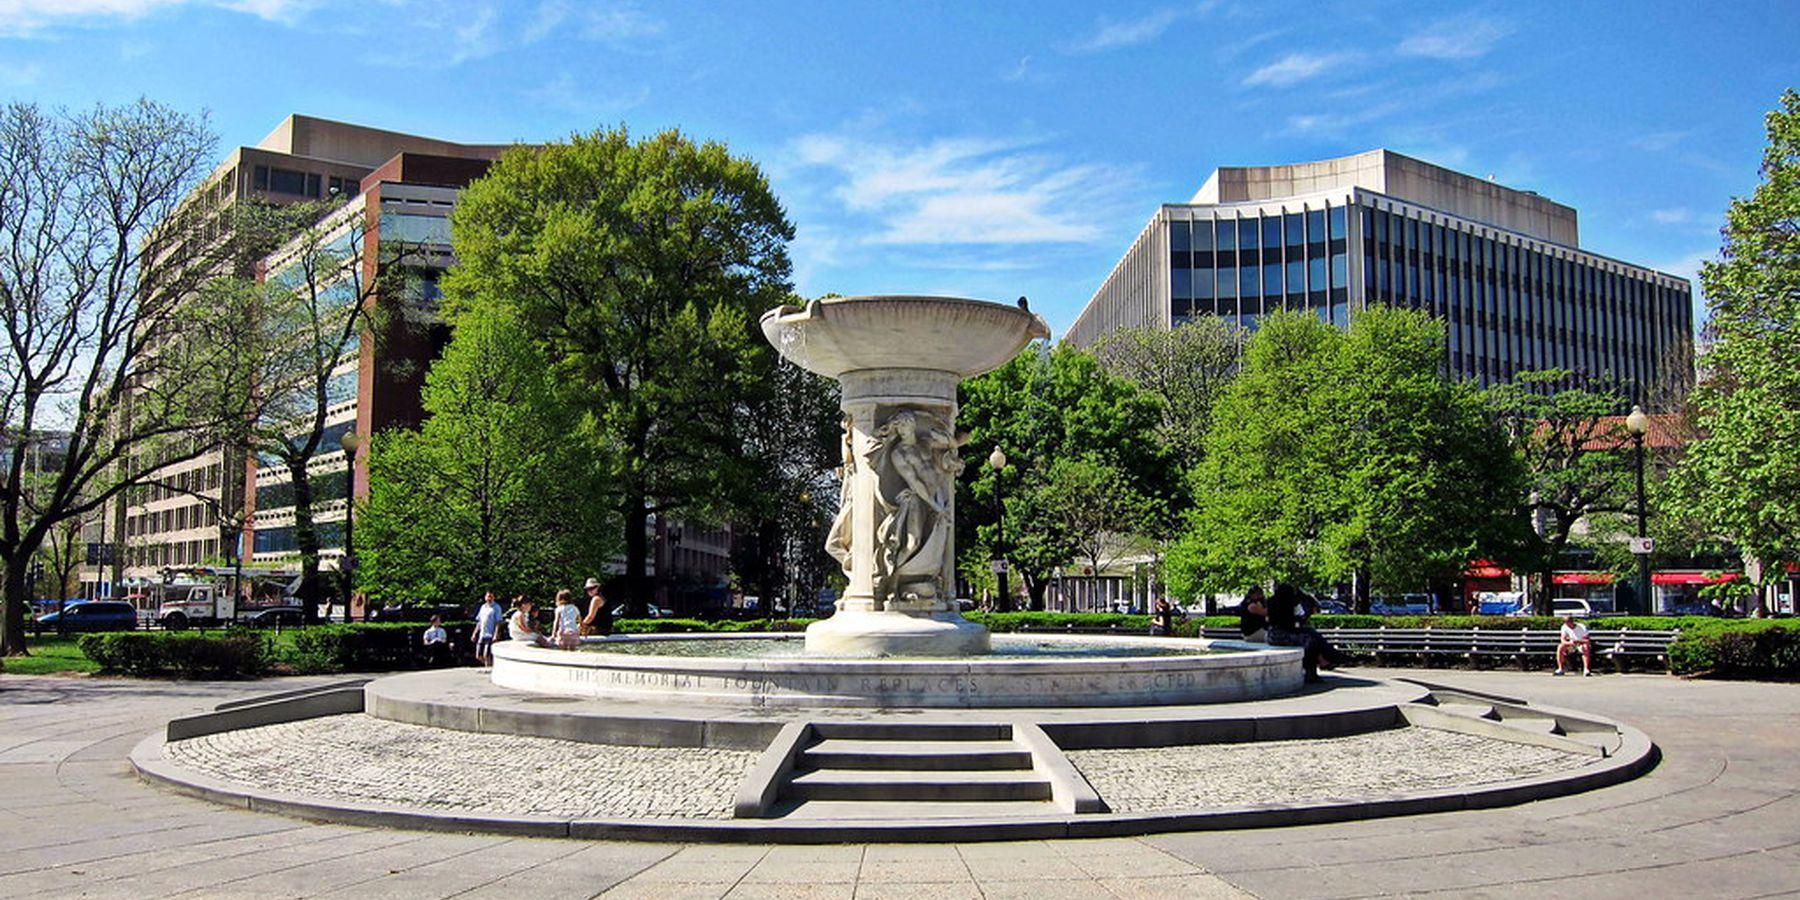 Dupont Circle - Washington D.C. - Doets Reizen